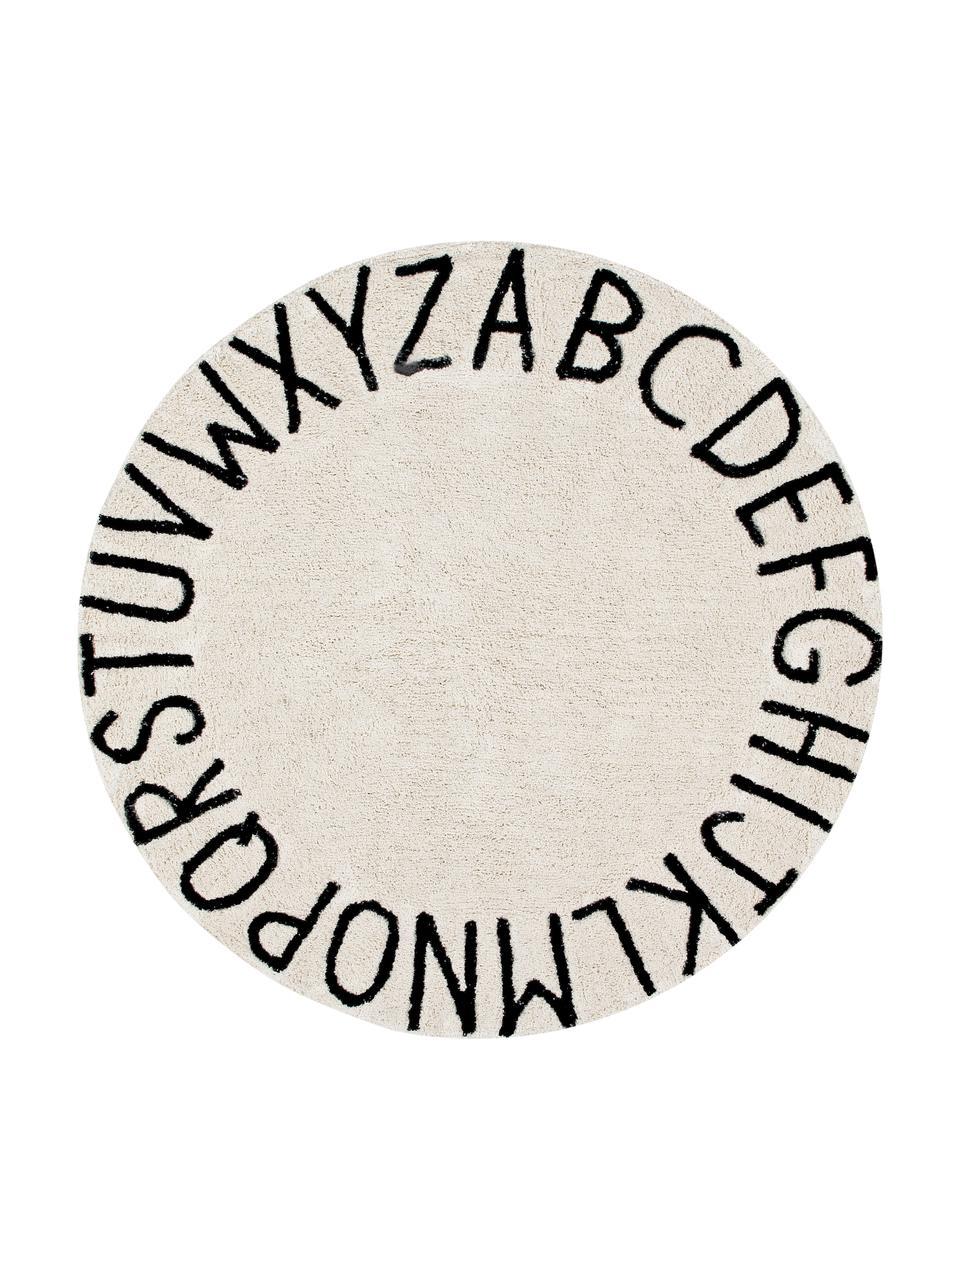 Runder Teppich ABC mit Buchstaben Design, waschbar, Recycelte Baumwolle (80% Baumwolle, 20% andere Fasern), Beige, Schwarz, Ø 150 cm (Größe M)